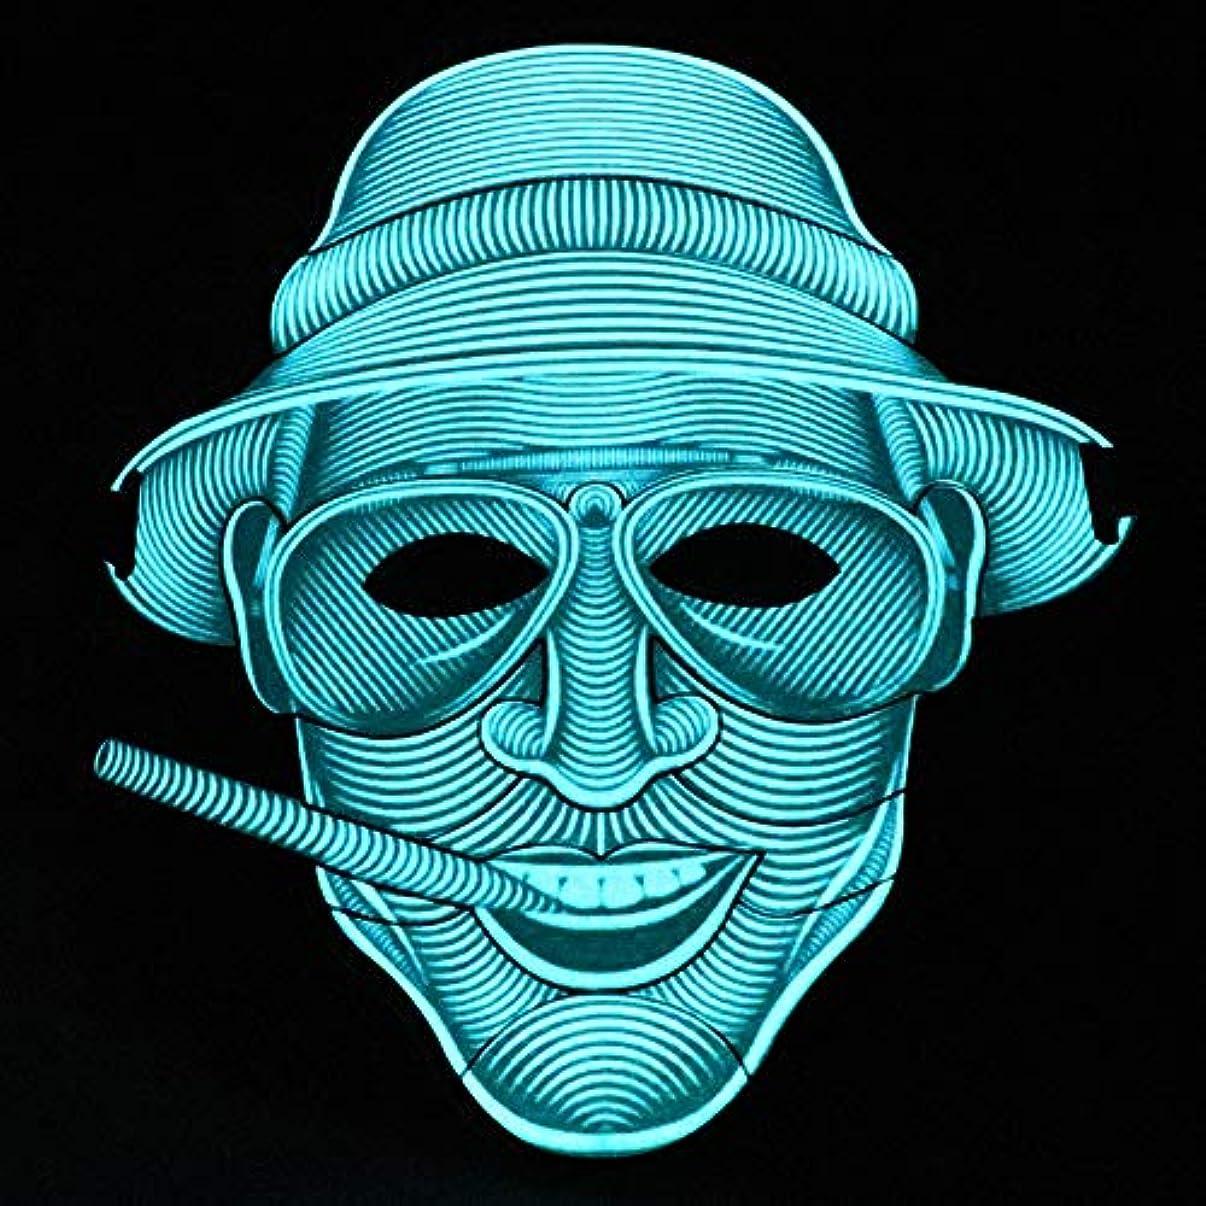 キャッチ虚弱適応的照らされたマスクLED創造的な冷光音響制御マスクハロウィンバーフェスティバルダンスマスク (Color : #17)